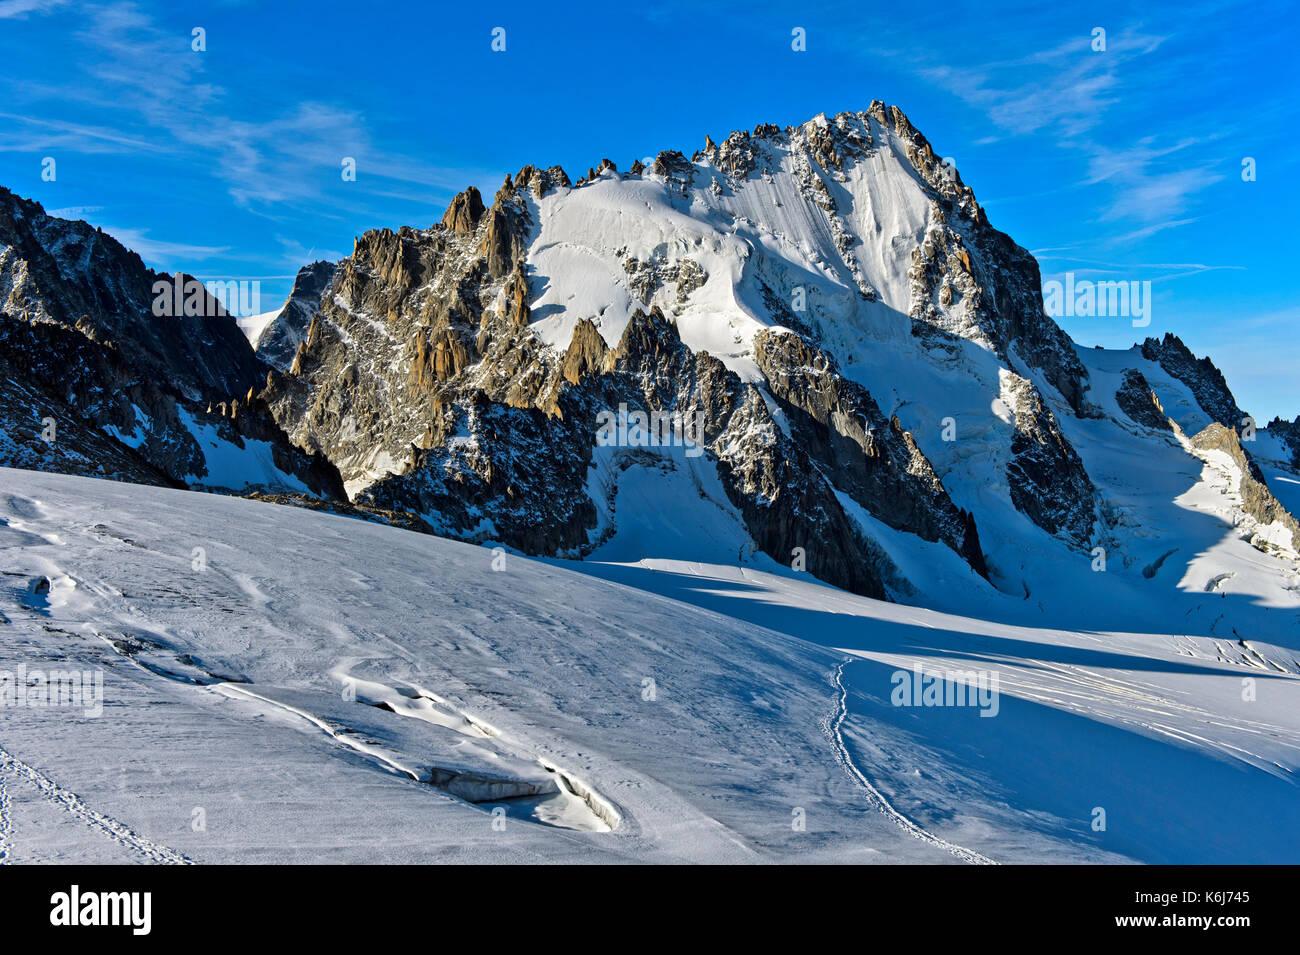 Peak Aiguille du Chardonnet, Glacier du Tour, Chamonix, Haute-Savoie, France - Stock Image